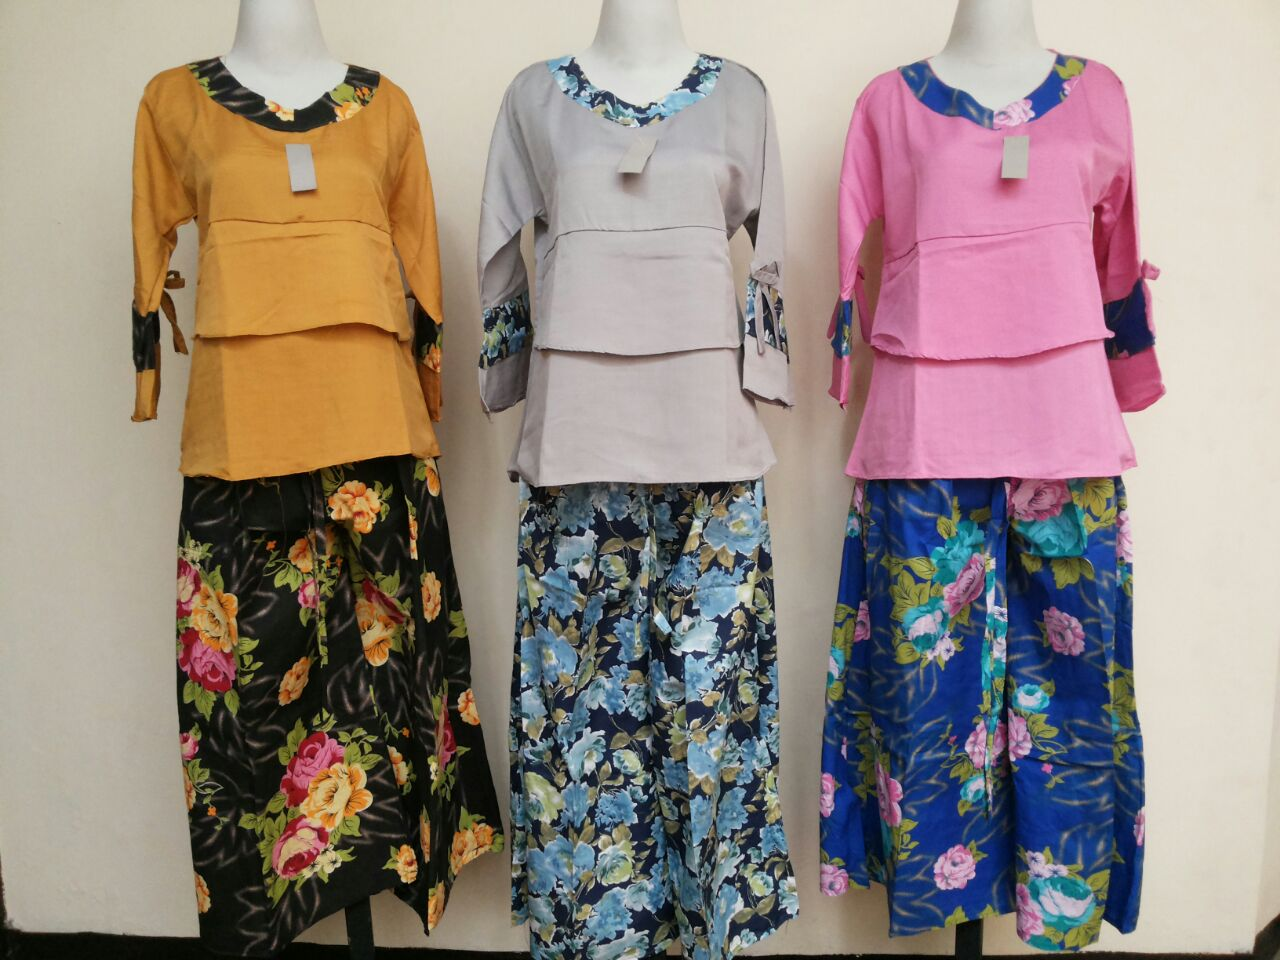 Pusat Grosir Setelan Kulot Wanita Dewasa Murah Bandung